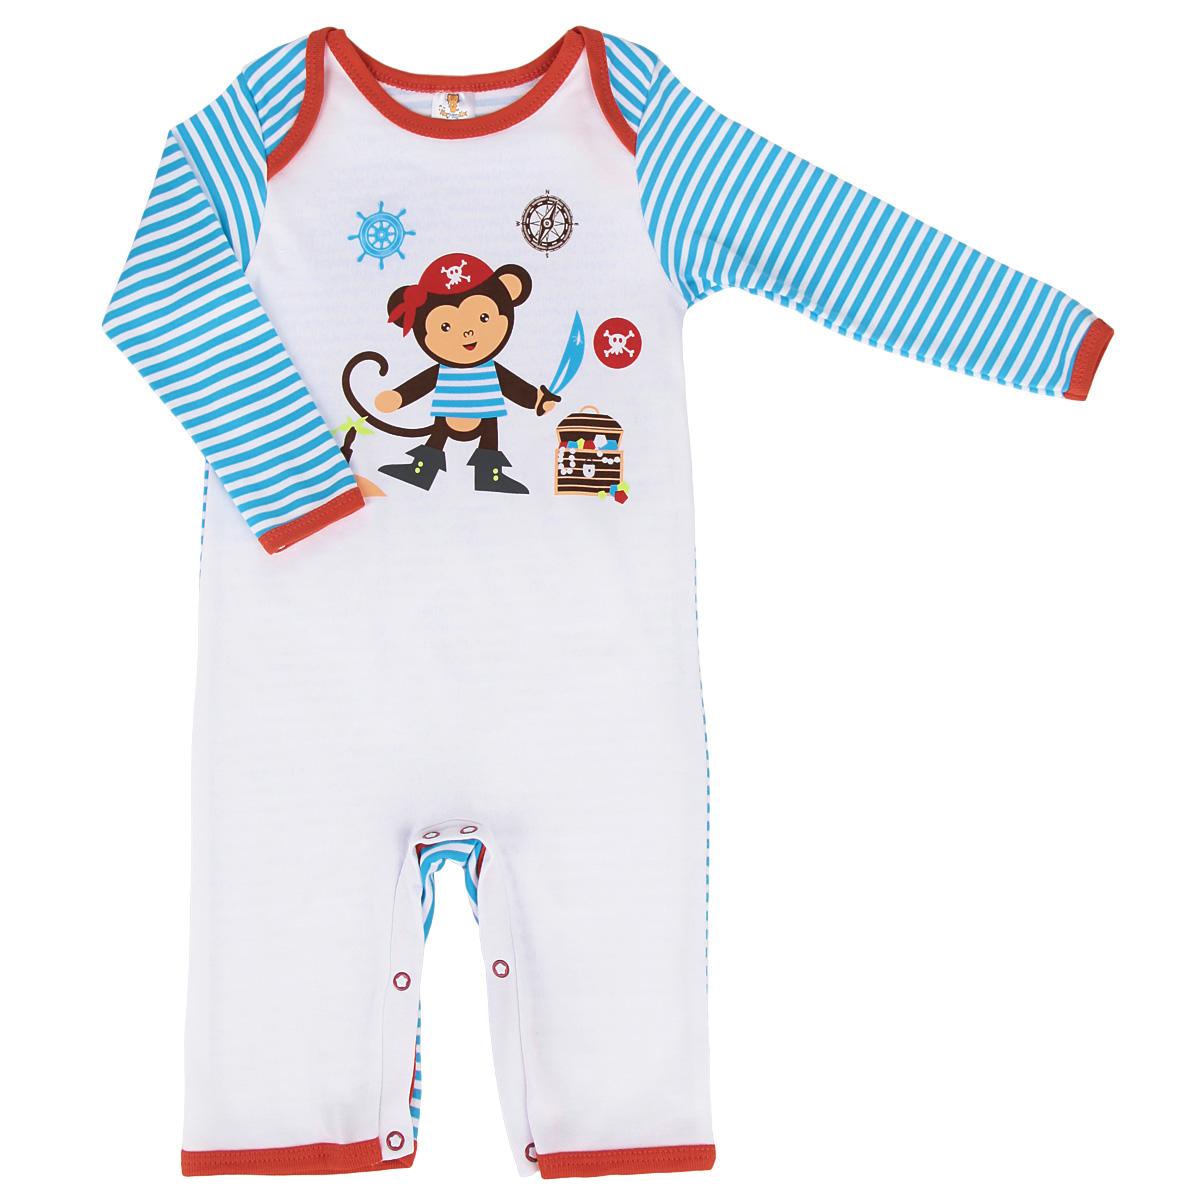 Комбинезон для мальчика. 36613661Комбинезон для мальчика КотМарКот - очень удобный и практичный вид одежды для малышей. Комбинезон выполнен из интерлока - натурального хлопка, благодаря чему он необычайно мягкий и приятный на ощупь, не раздражает нежную кожу ребенка и хорошо вентилируется, а эластичные швы приятны телу младенца и не препятствуют его движениям. Комбинезон с длинными рукавами и открытыми ножками имеет запахи на плечах, а также застежки-кнопки на ластовице, которые помогают легко переодеть ребенка или сменить подгузник. Низ рукавов, горловина и запахи на плечах оформлены контрастной трикотажной бейкой. Комбинезон оформлен принтом в полоску, а также принтом с изображением обезьянки-пирата. С таким детским комбинезоном спинка и ножки вашего малютки всегда будут в тепле, он идеален для использования днем и незаменим ночью. Комбинезон полностью соответствует особенностям жизни младенца в ранний период, не стесняя и не ограничивая его в движениях!